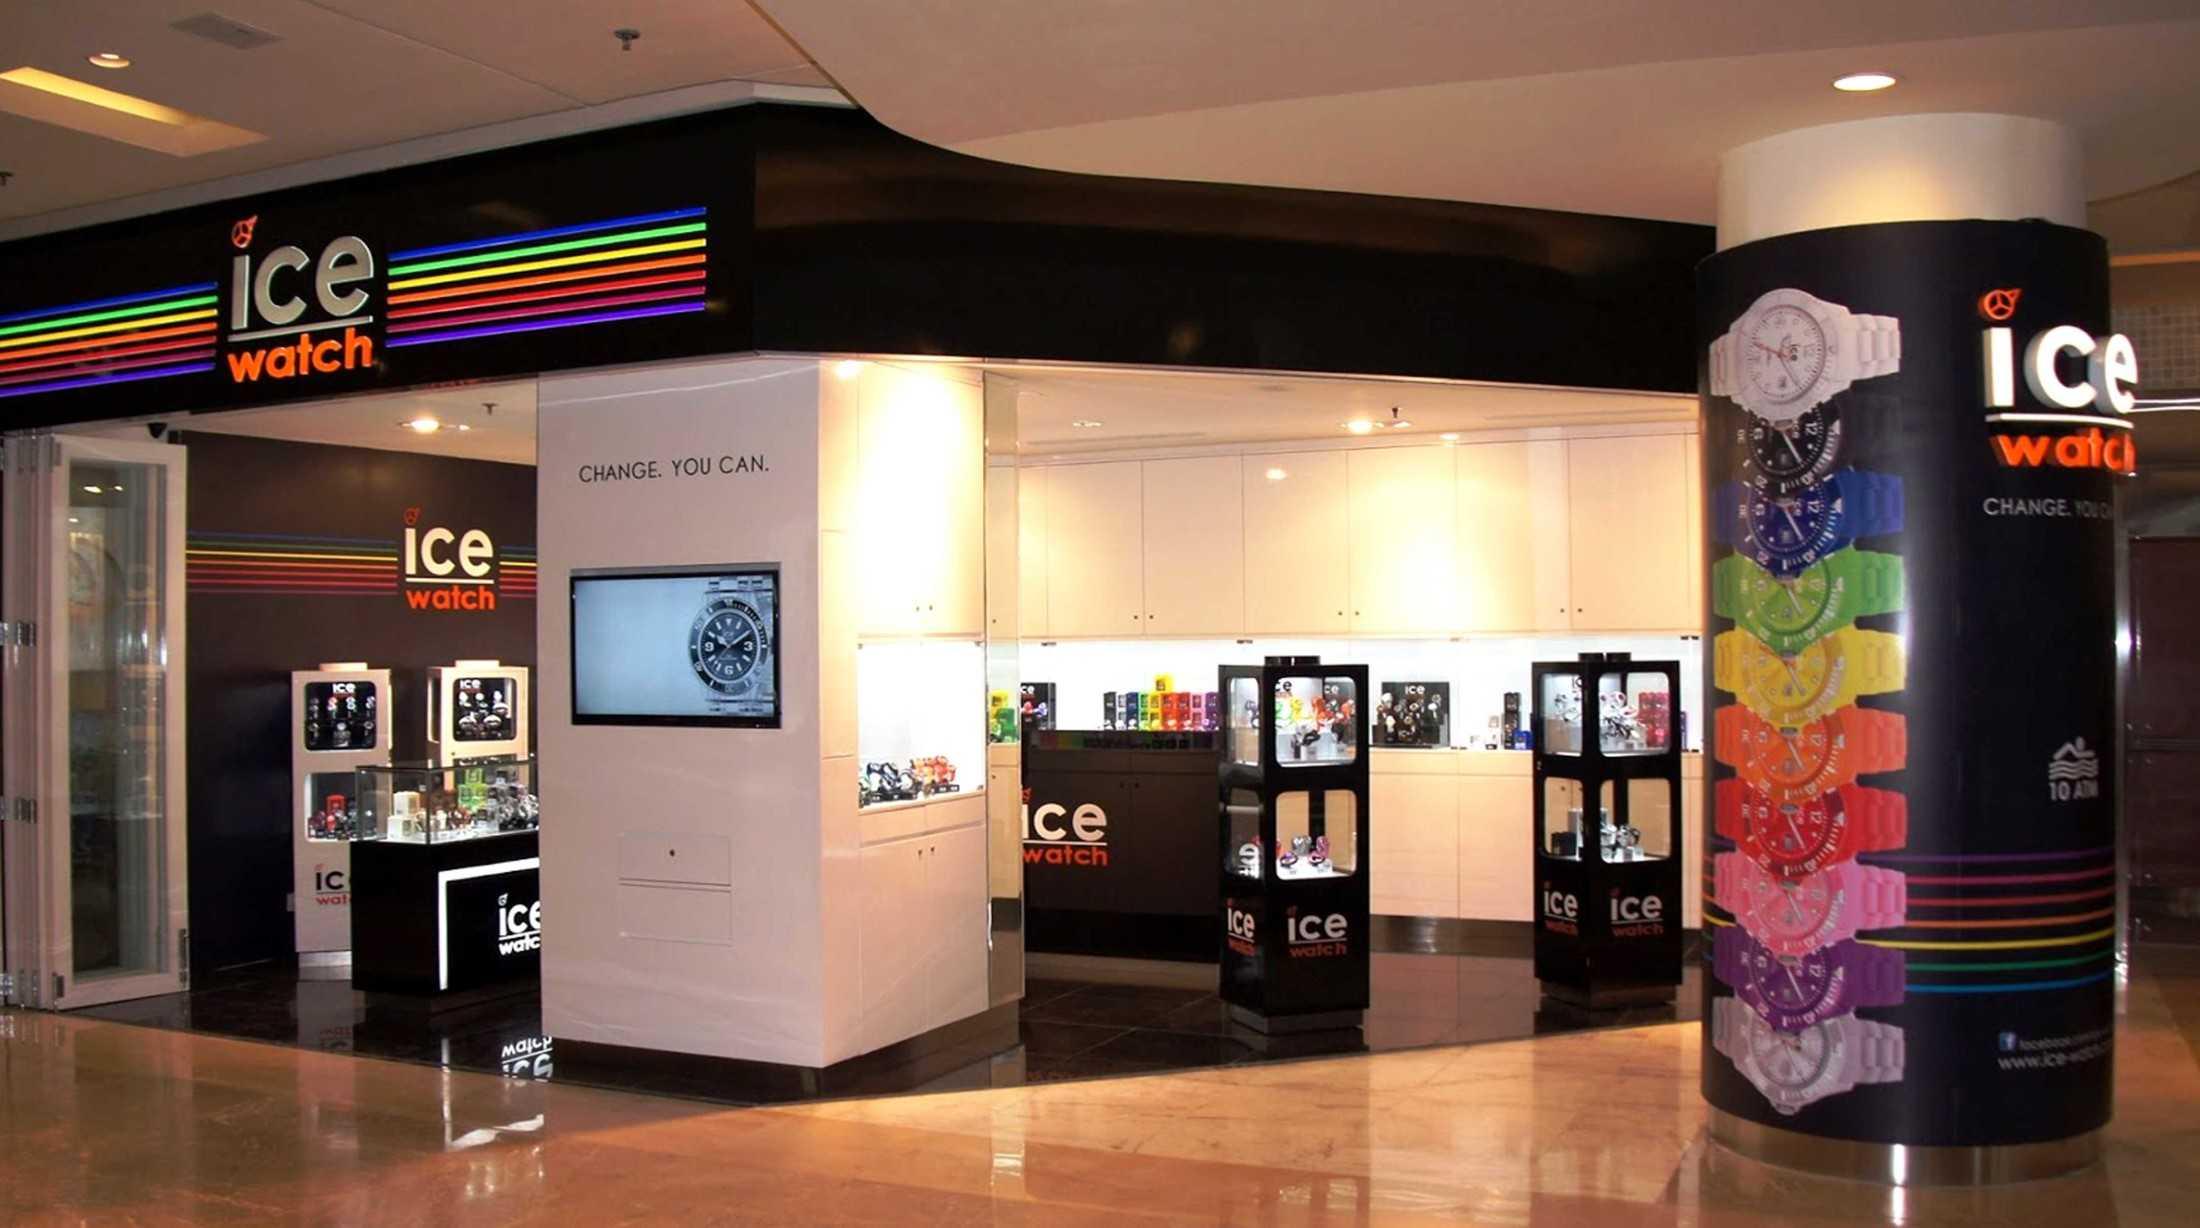 Astana Interior Ice Watch Store Daerah Khusus Ibukota Jakarta, Indonesia Daerah Khusus Ibukota Jakarta, Indonesia Astana-Interior-Ice-Watch-Store  58088